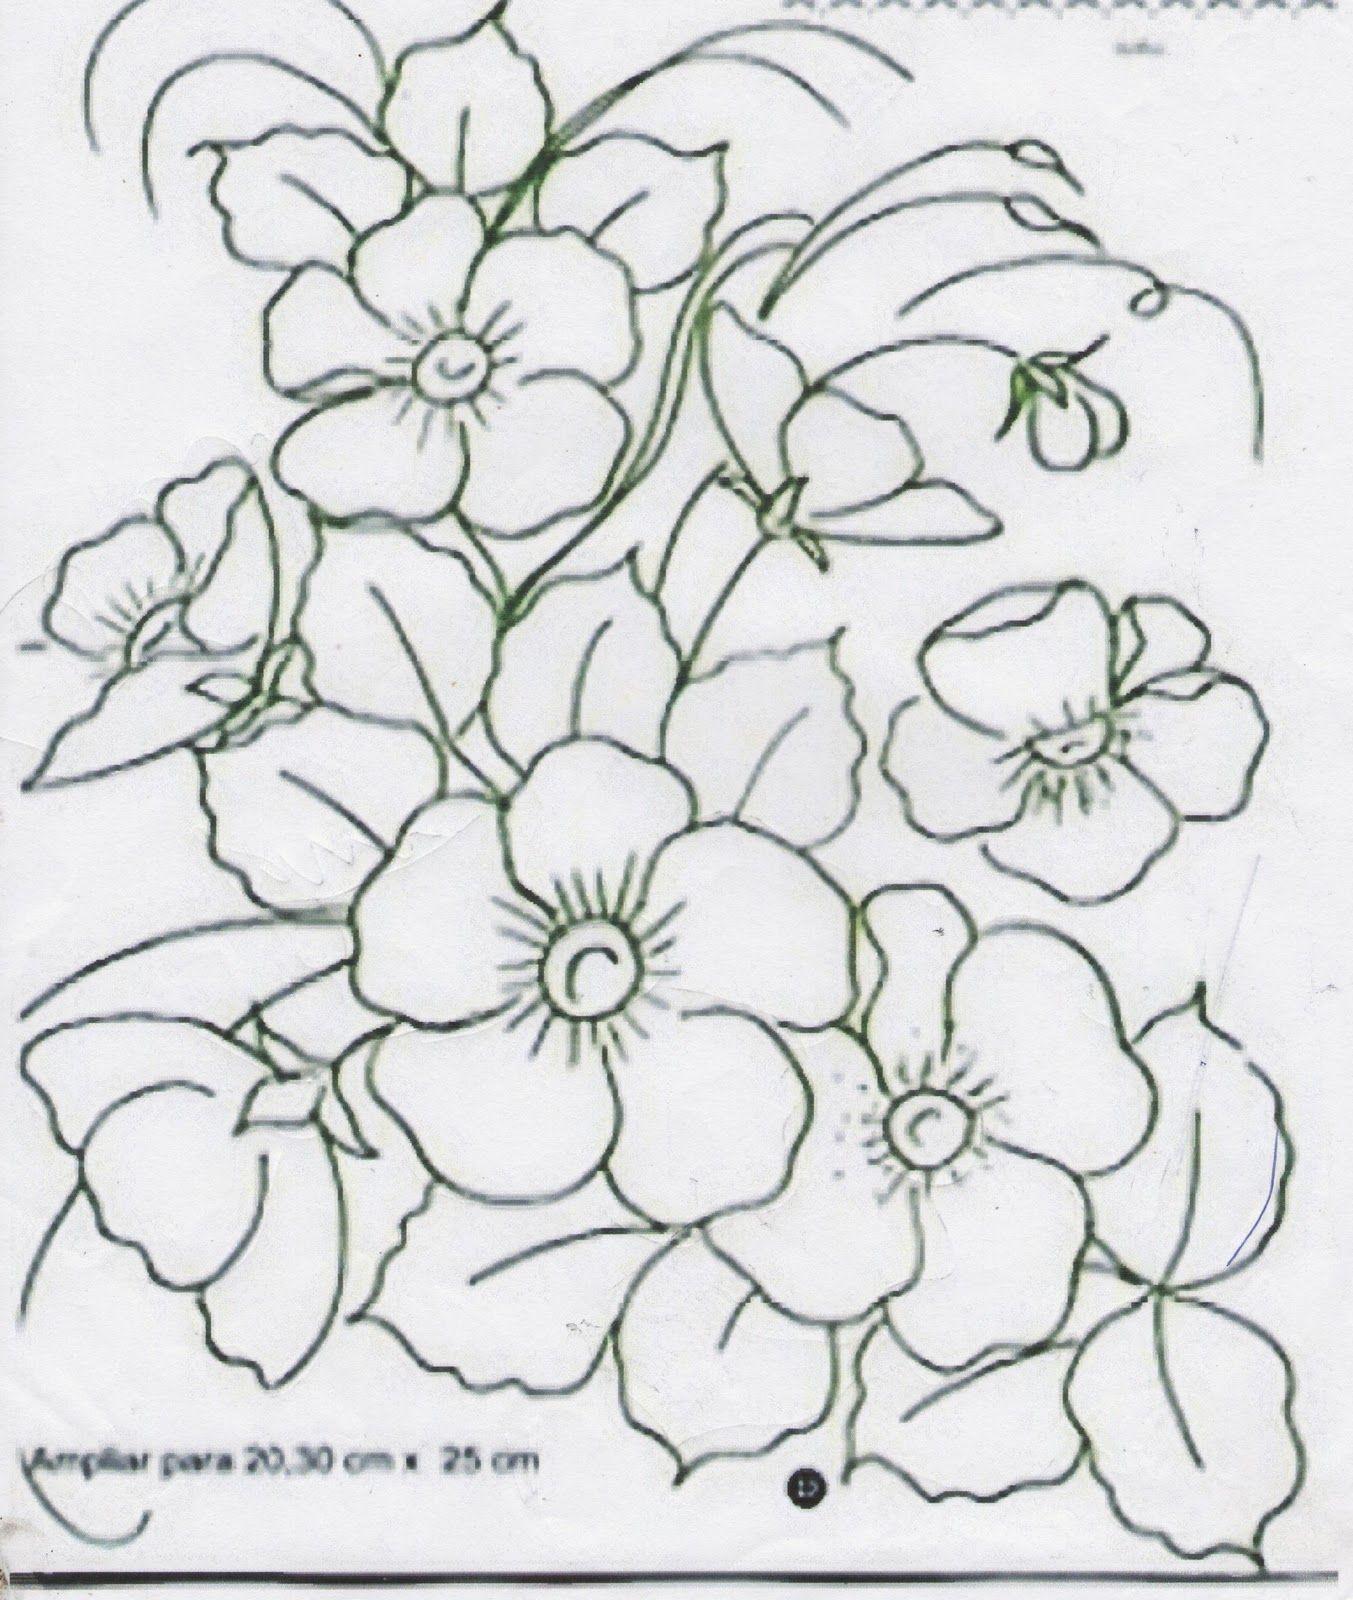 flores silvestres para pintar | Cuadros | Pinterest | Flores ...